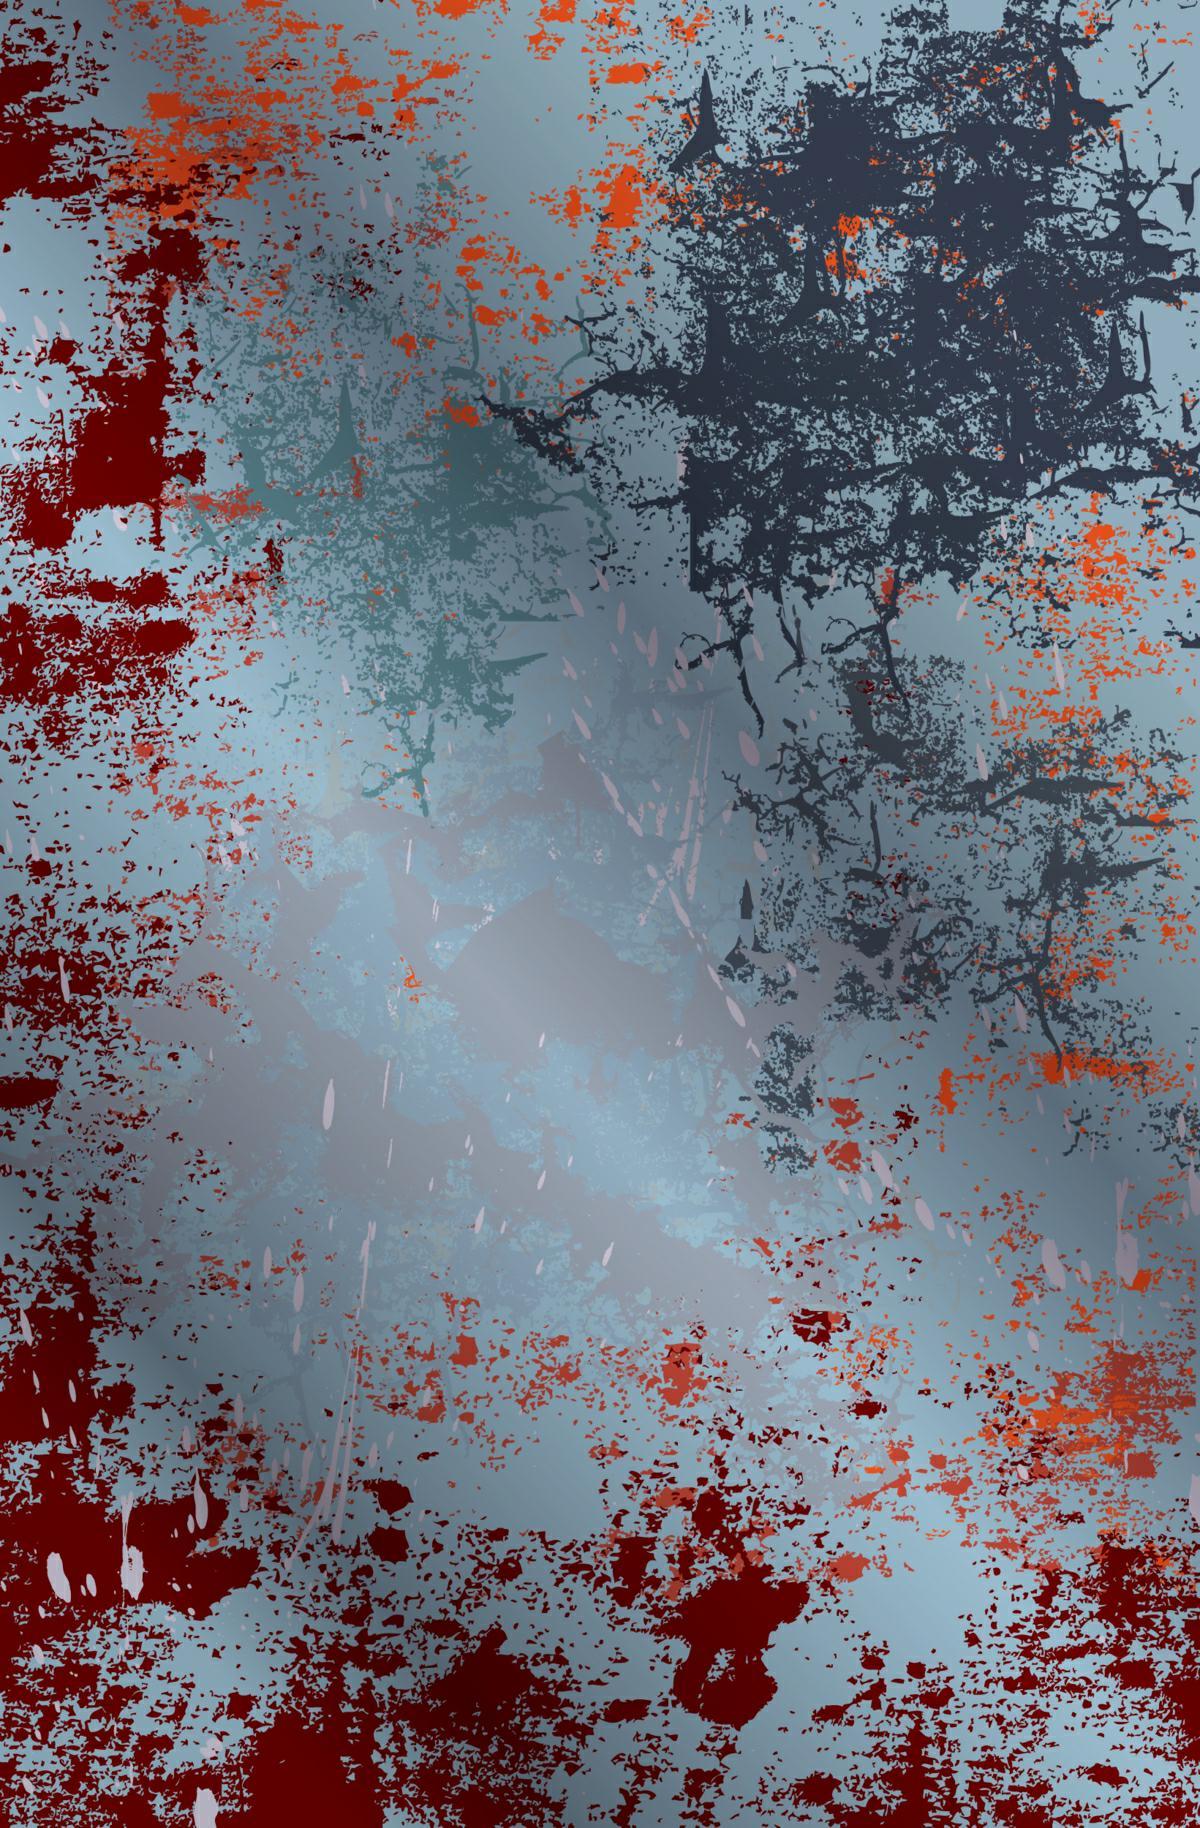 0018_纹理_AI复古破旧痕迹纹理背景矢量设计素材大图02辑-Metal-Grunge-Texture-2_xPX_AI_DPI_8.5_0